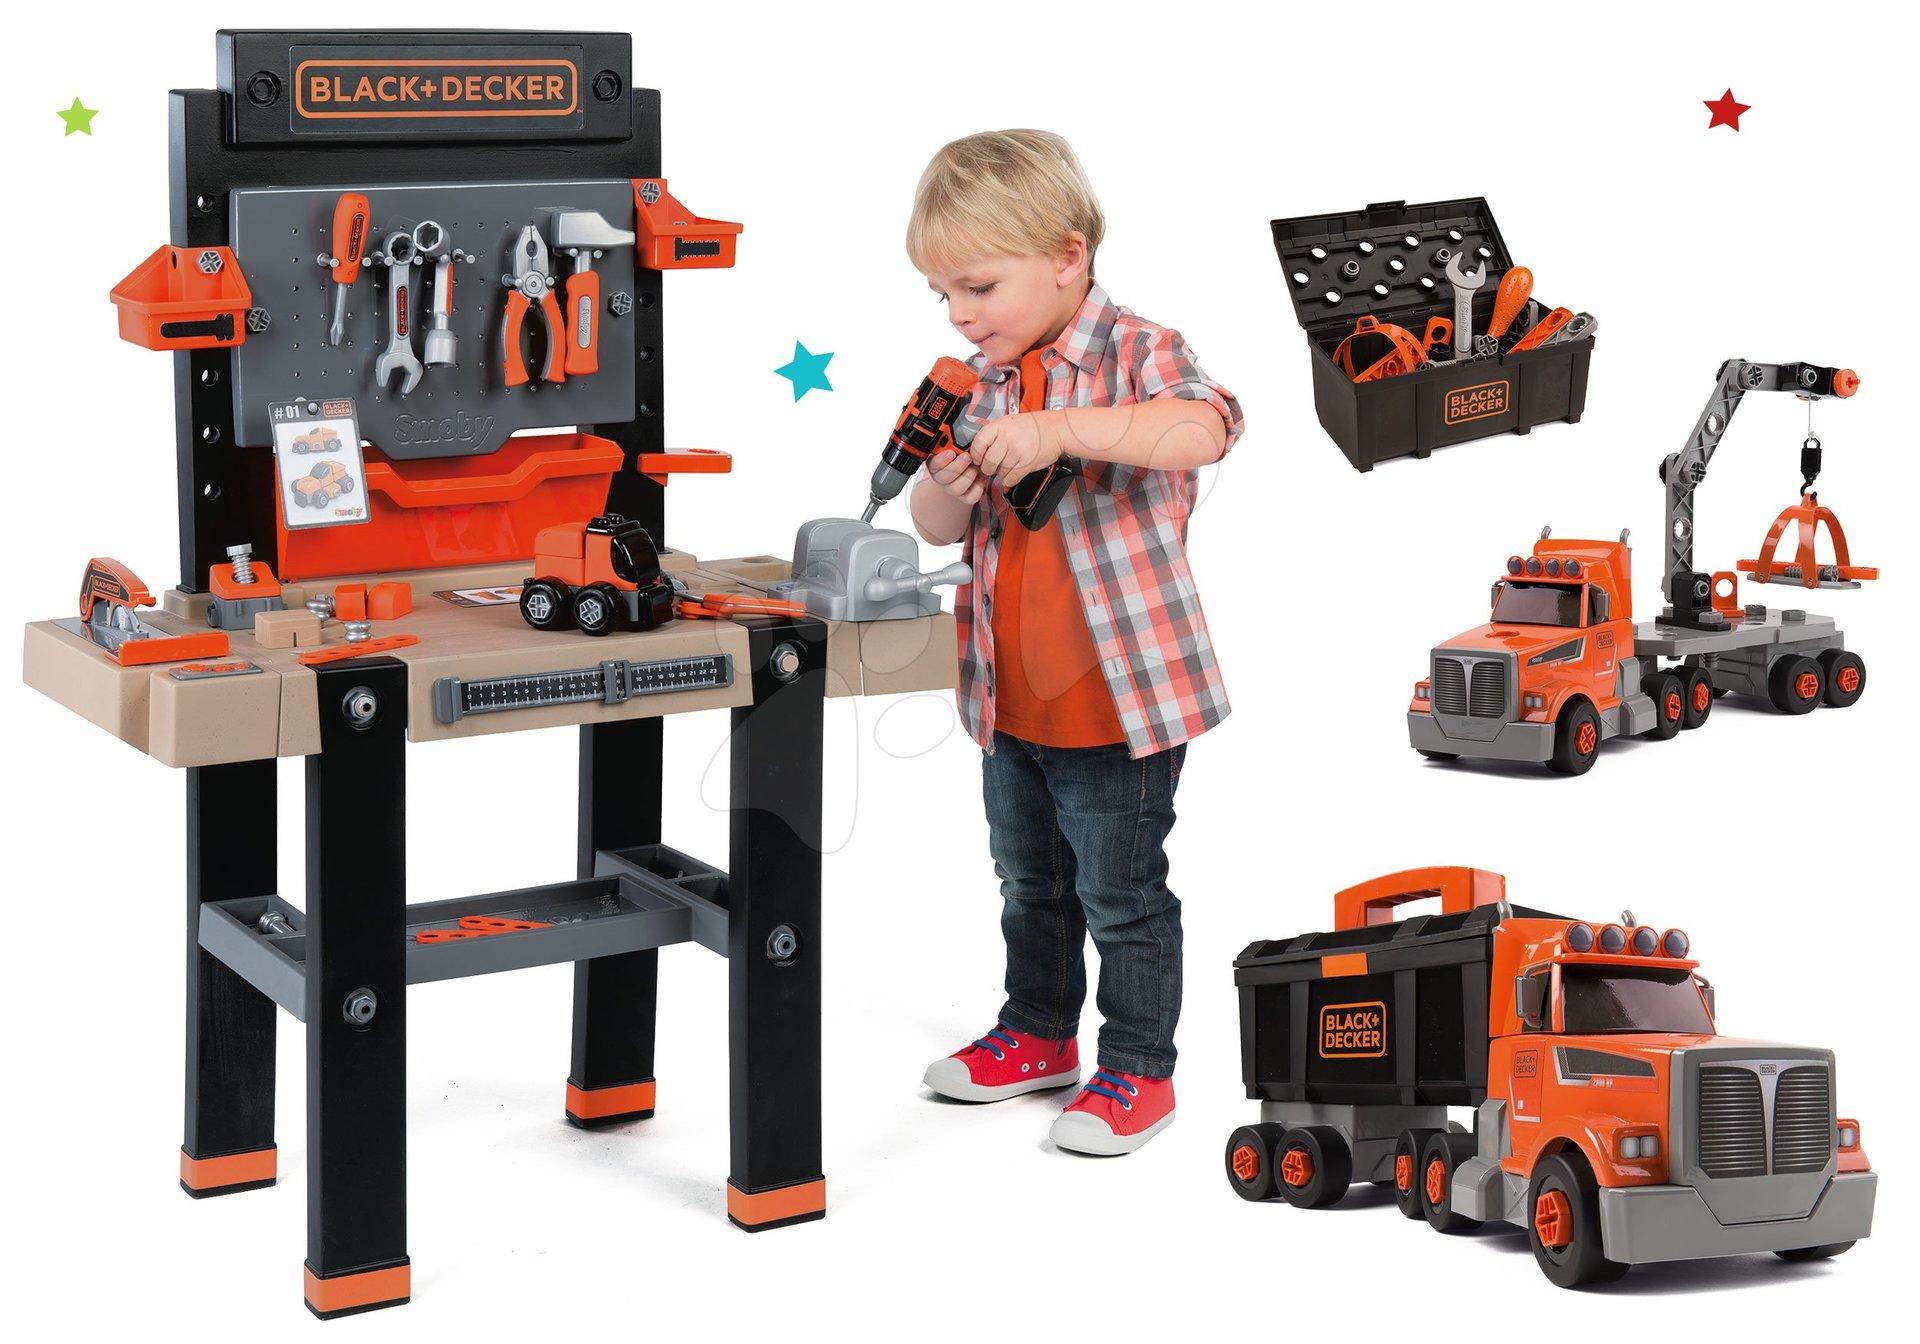 Atelier de lucru electronic pentru copii Black+Decker cu 95 de accesorii și camion cu valiză de lucru și unelte